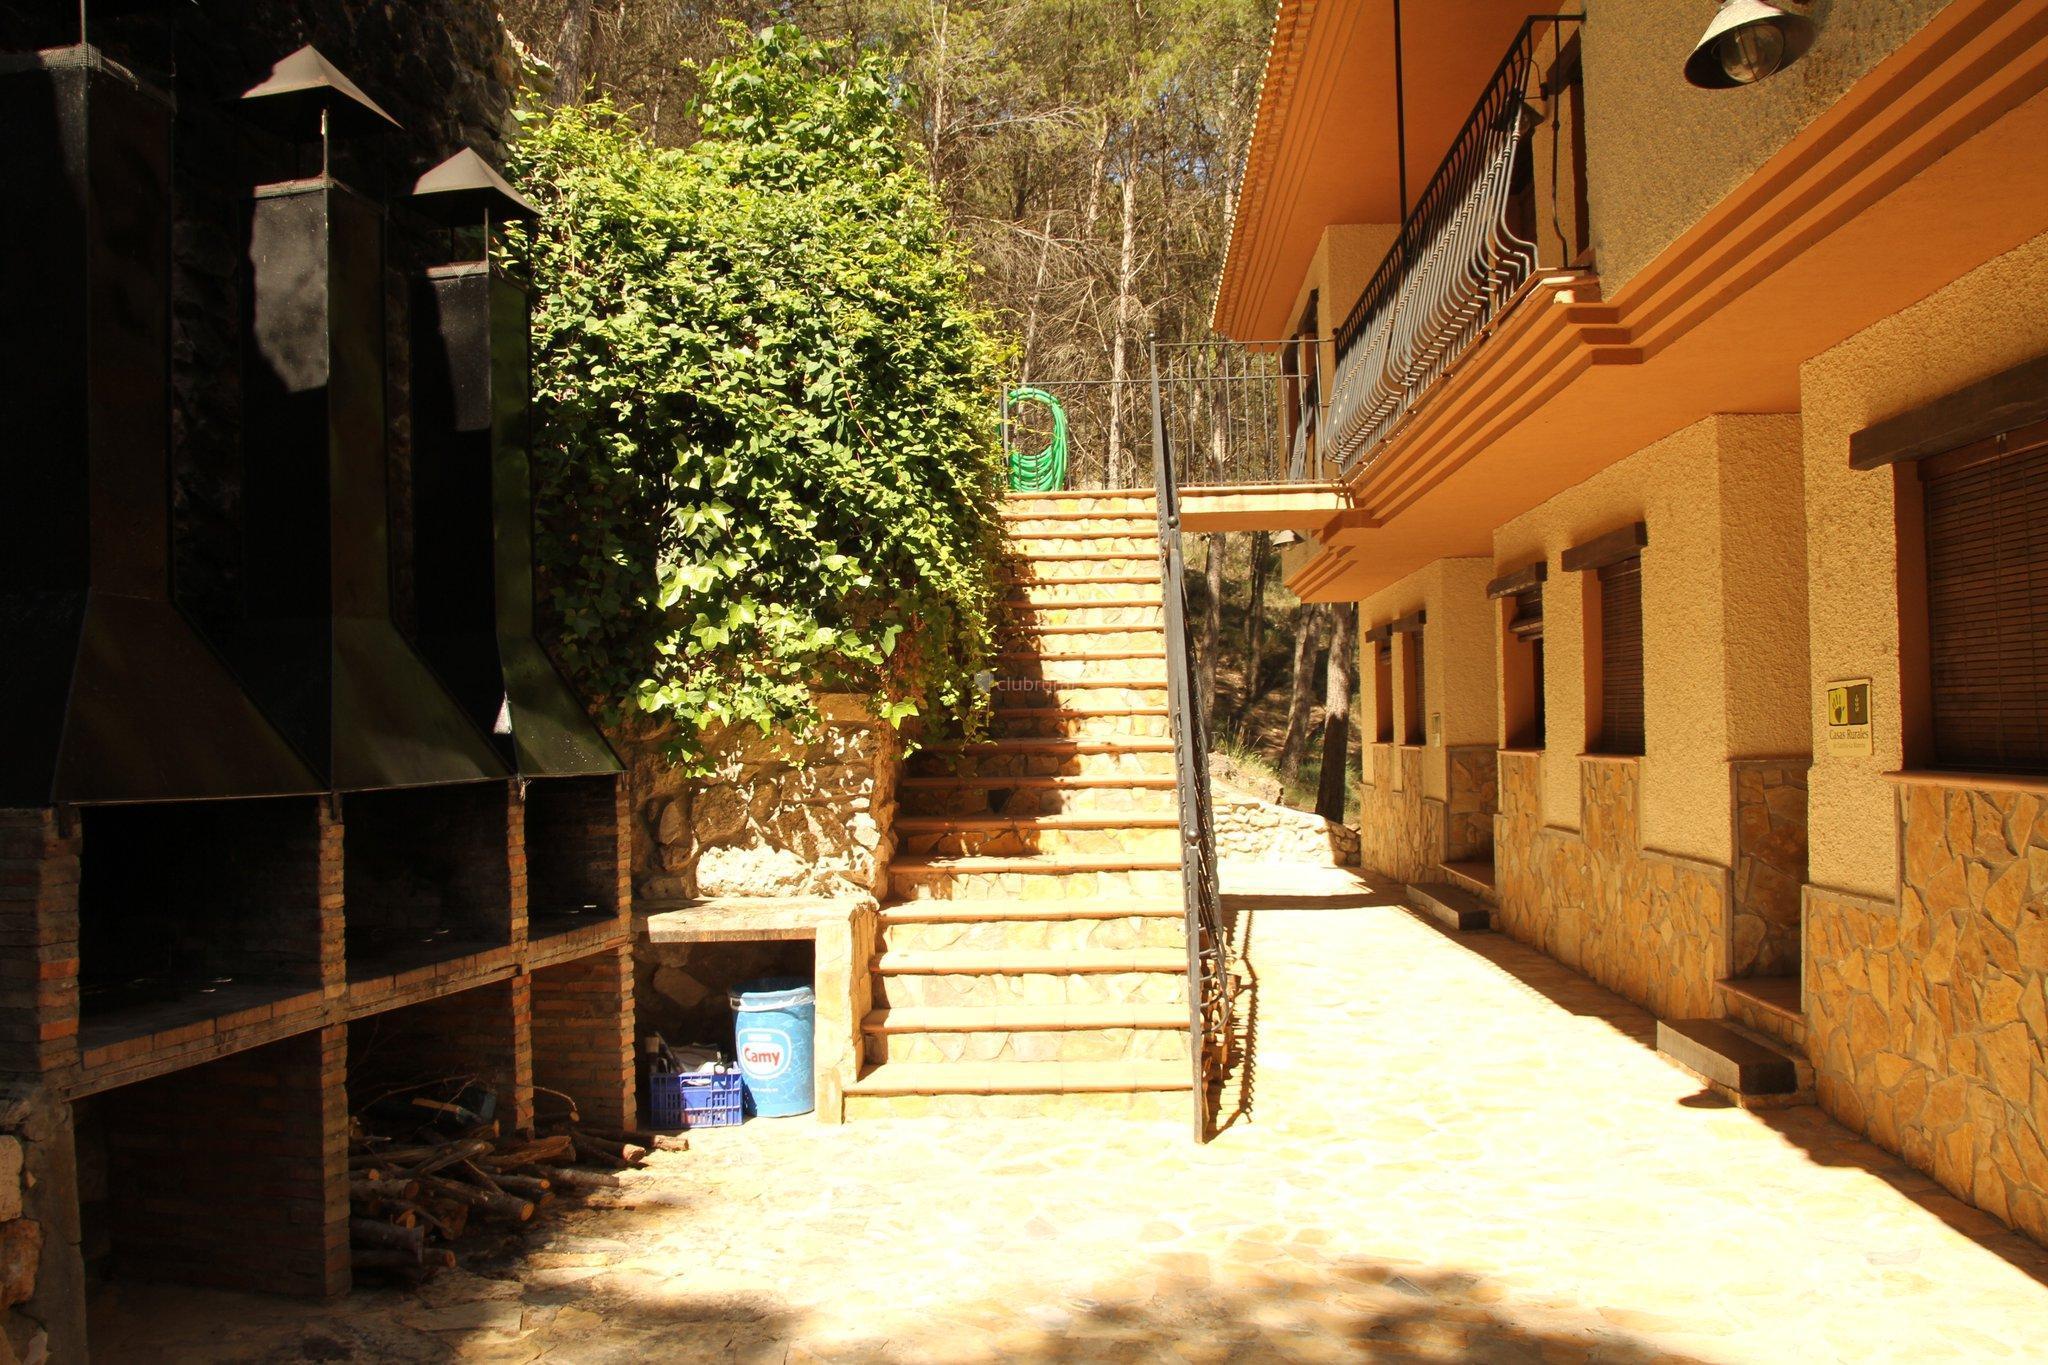 Fotos de casas rurales hoz del jucar albacete alcala - Fotos casas rurales ...